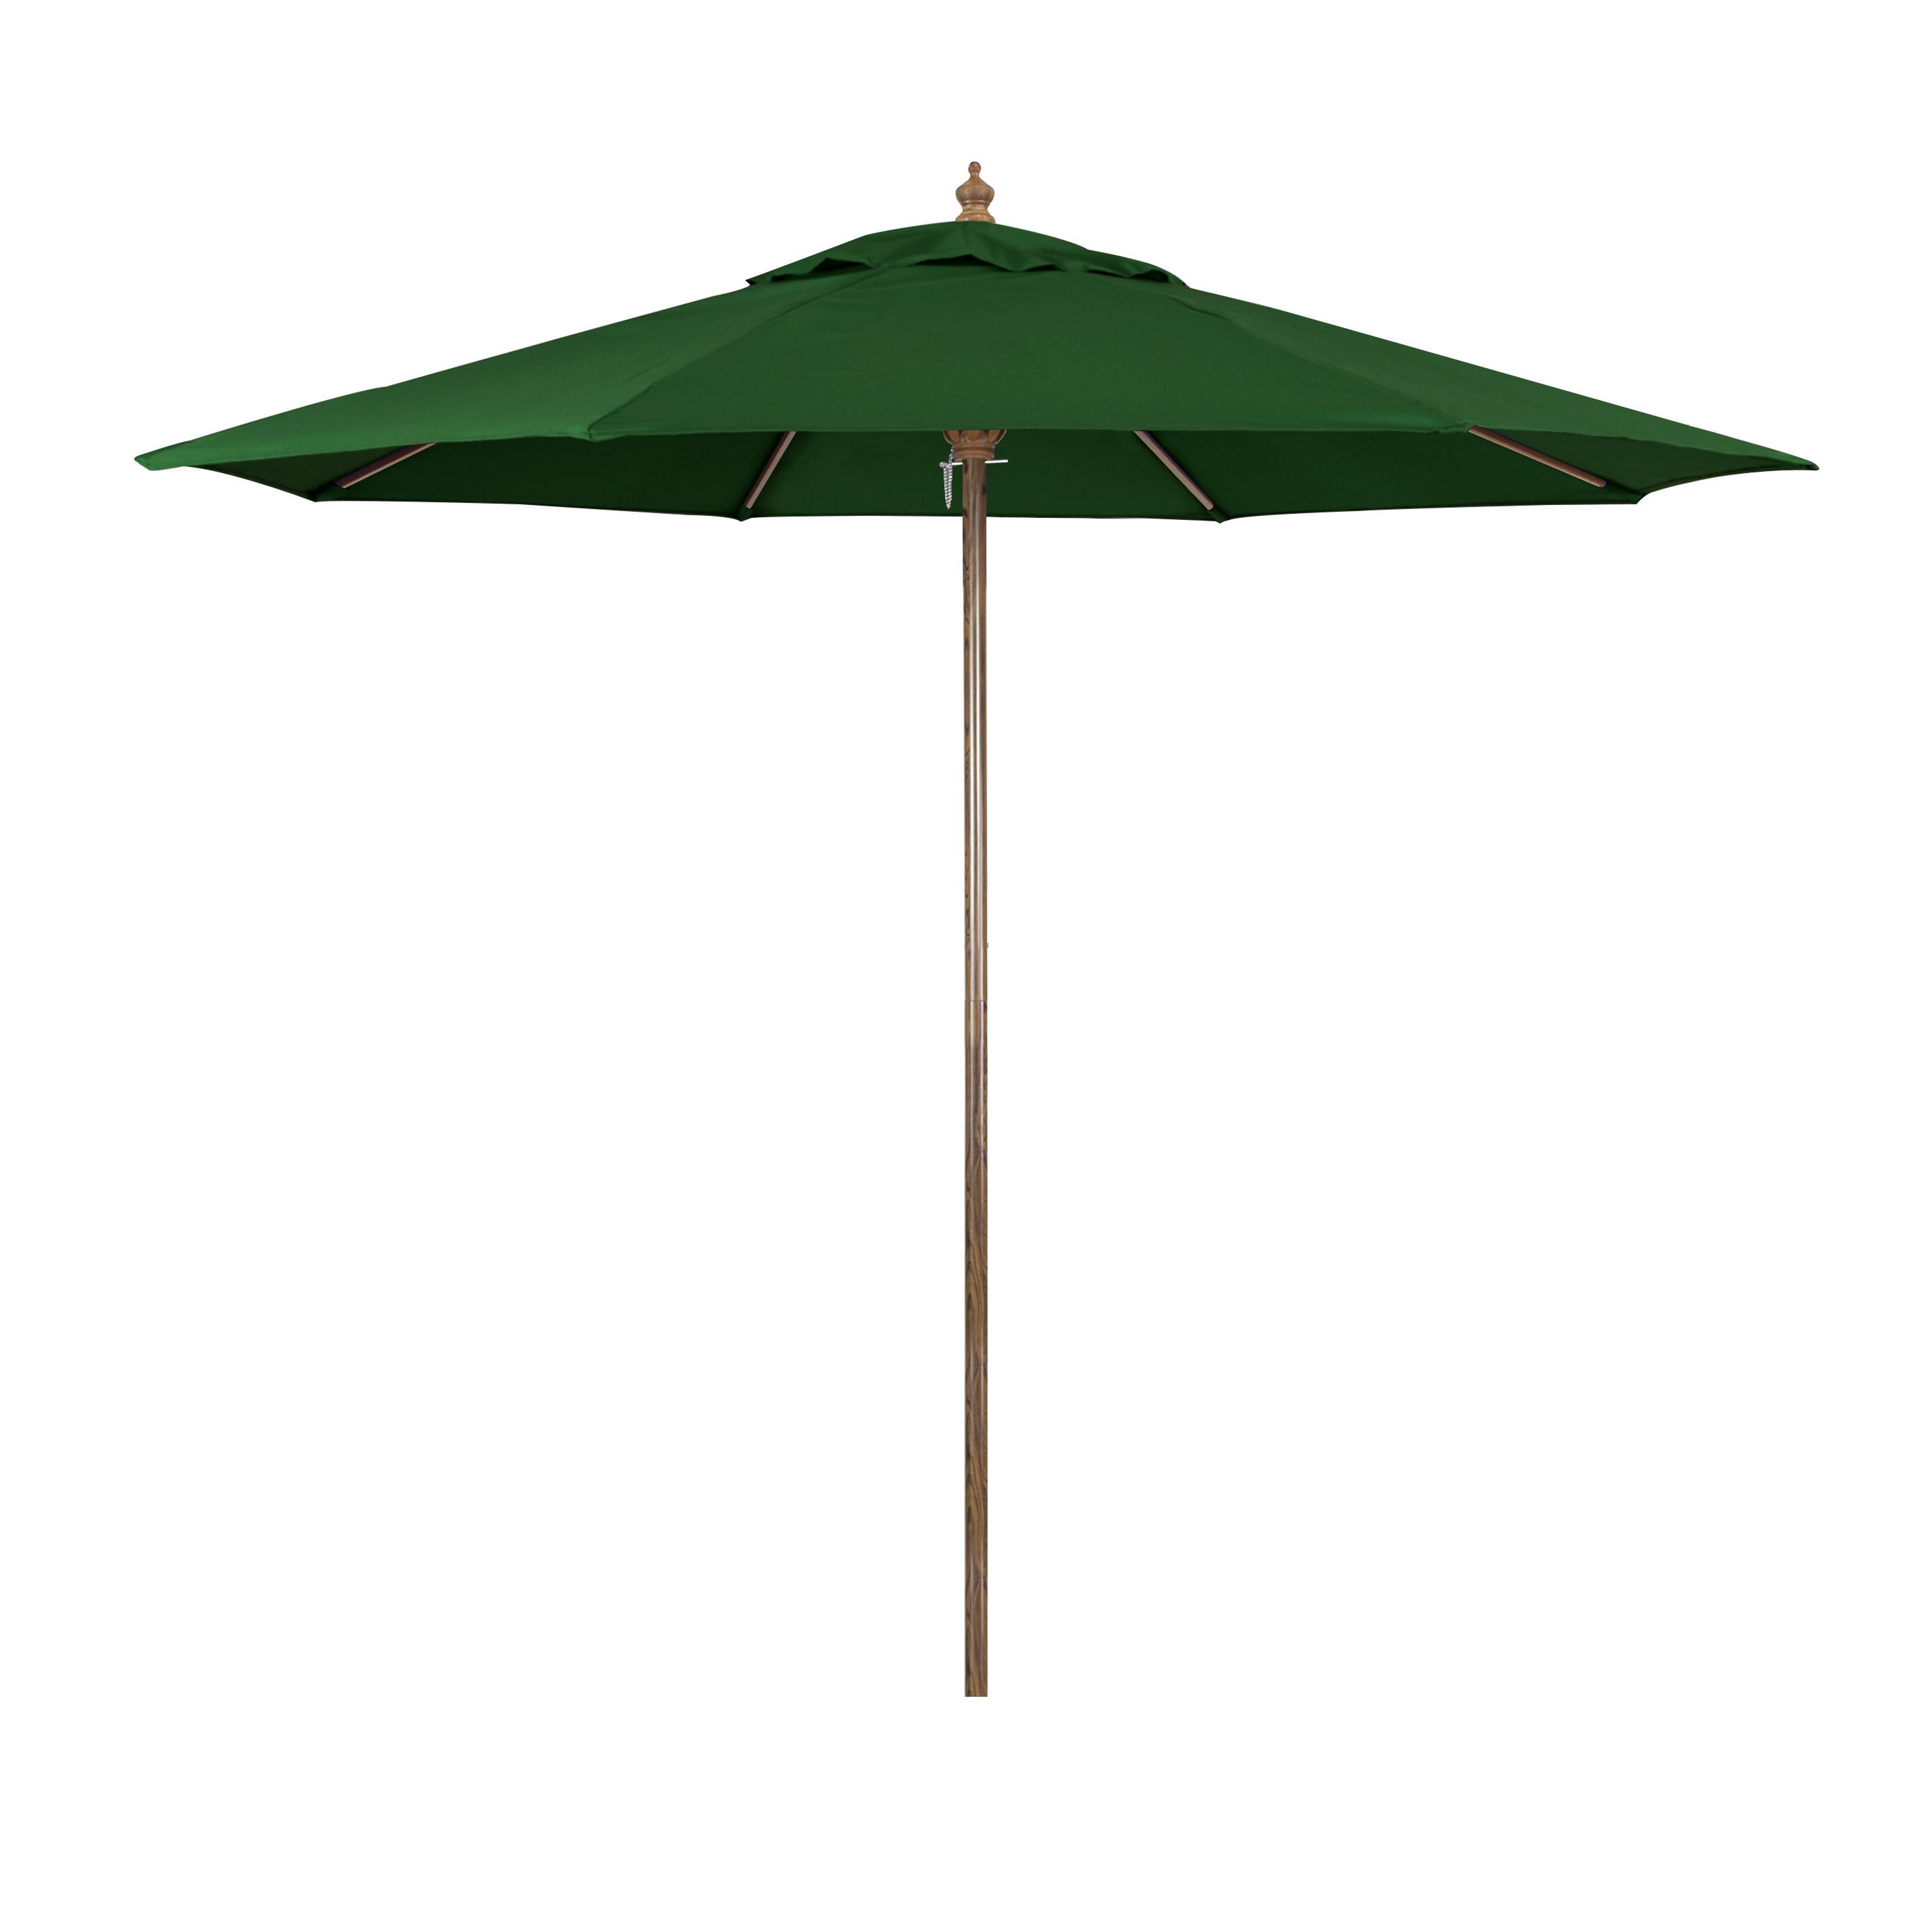 Ryant 9' Market Umbrella Pertaining To Favorite Taube Market Umbrellas (View 8 of 20)